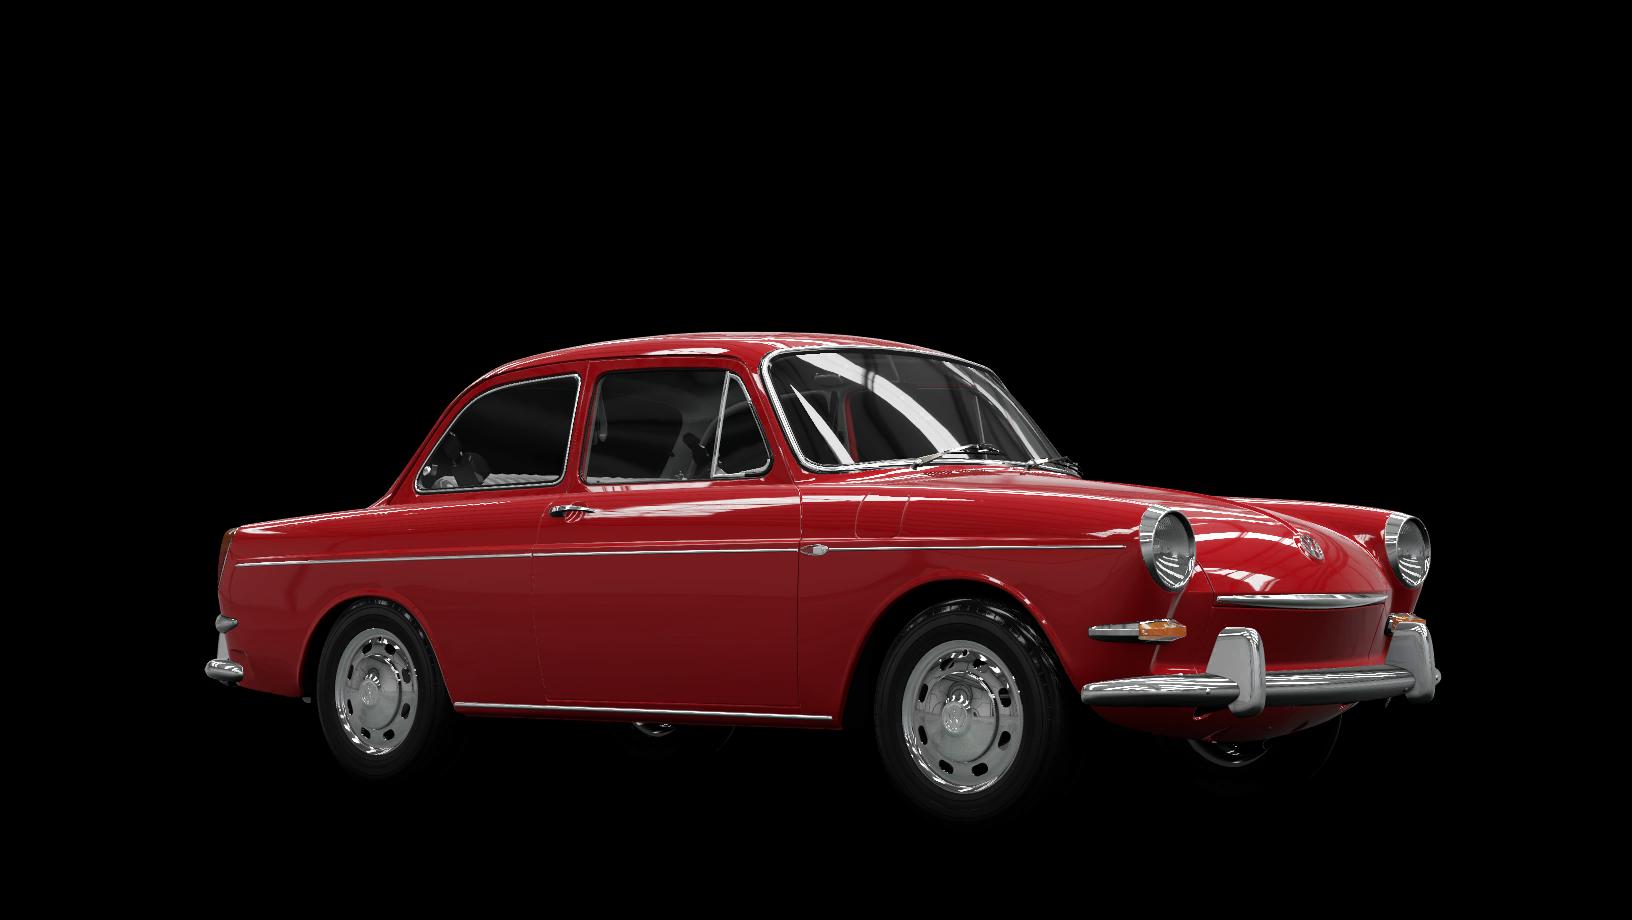 Forza-Horizon-4-Volkswagen-Type-3-1600-L